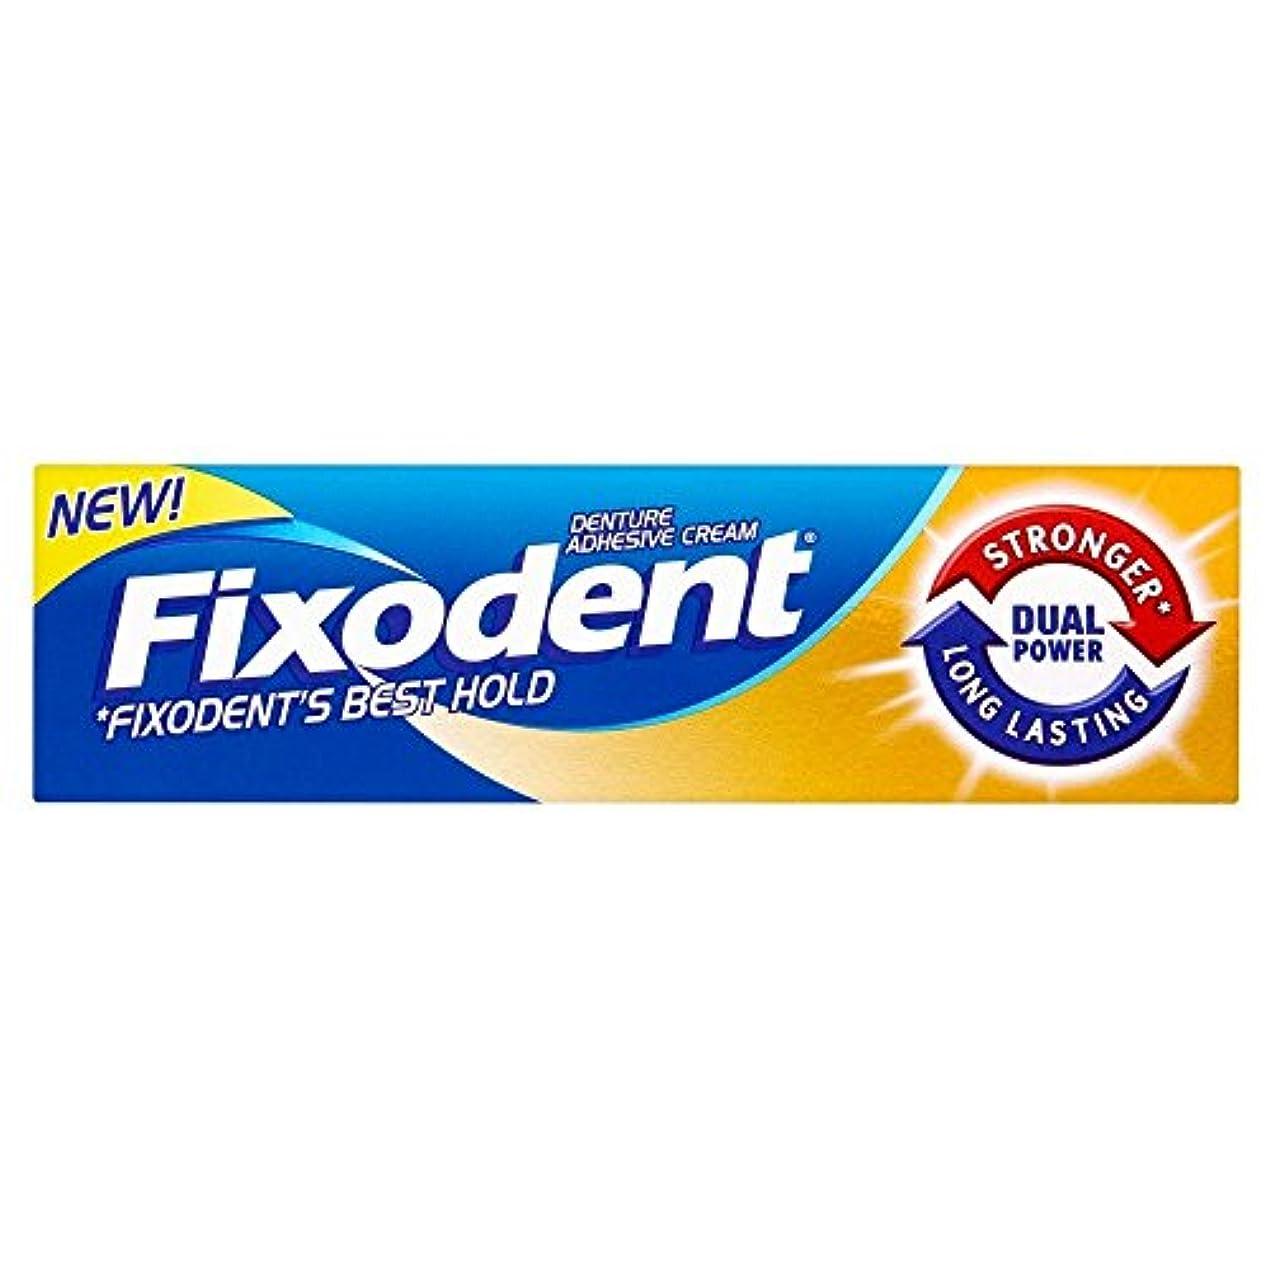 繁栄敵対的促進するFixodent Denture Adhesive Cream Dual Power (35ml) Fixodent義歯接着剤クリームデュアルパワー( 35ミリリットル) [並行輸入品]